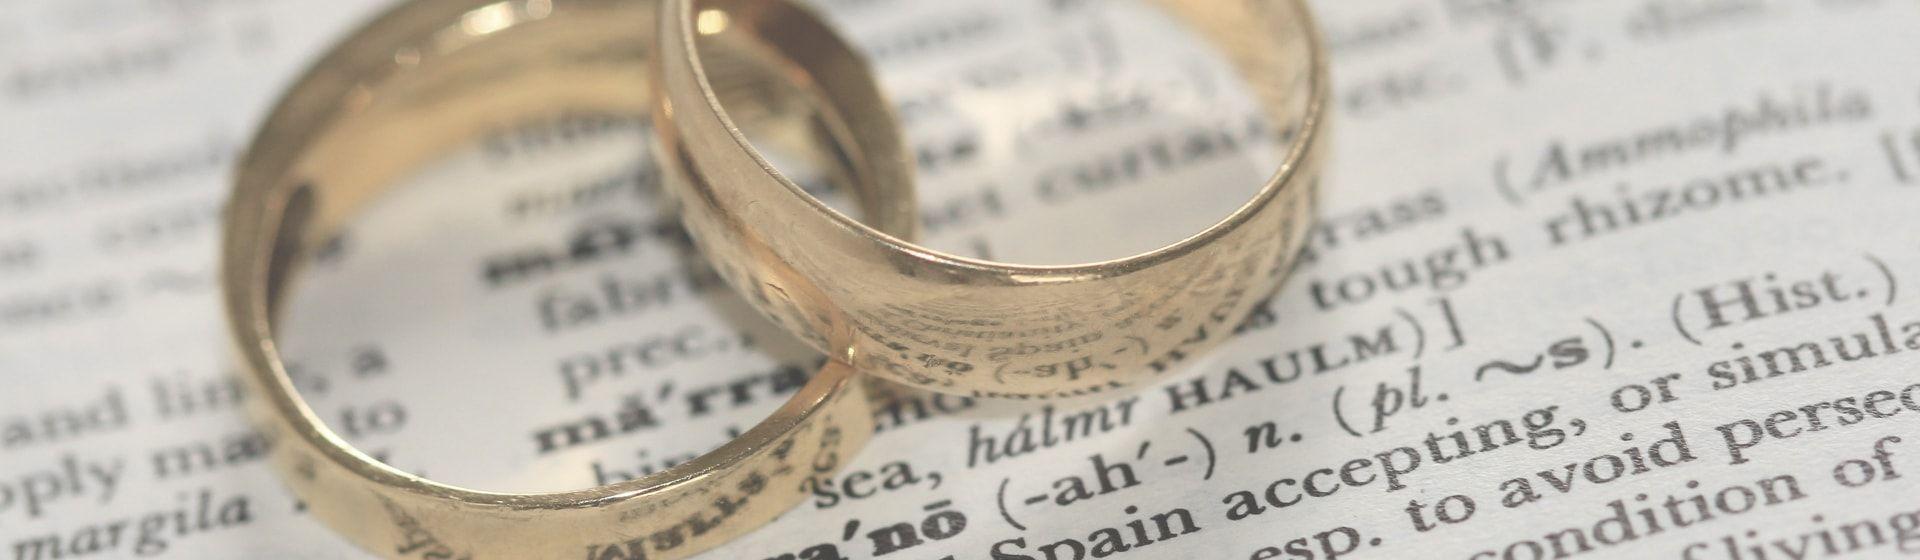 Wer darf laut dem Kirchenrecht wen heiraten?